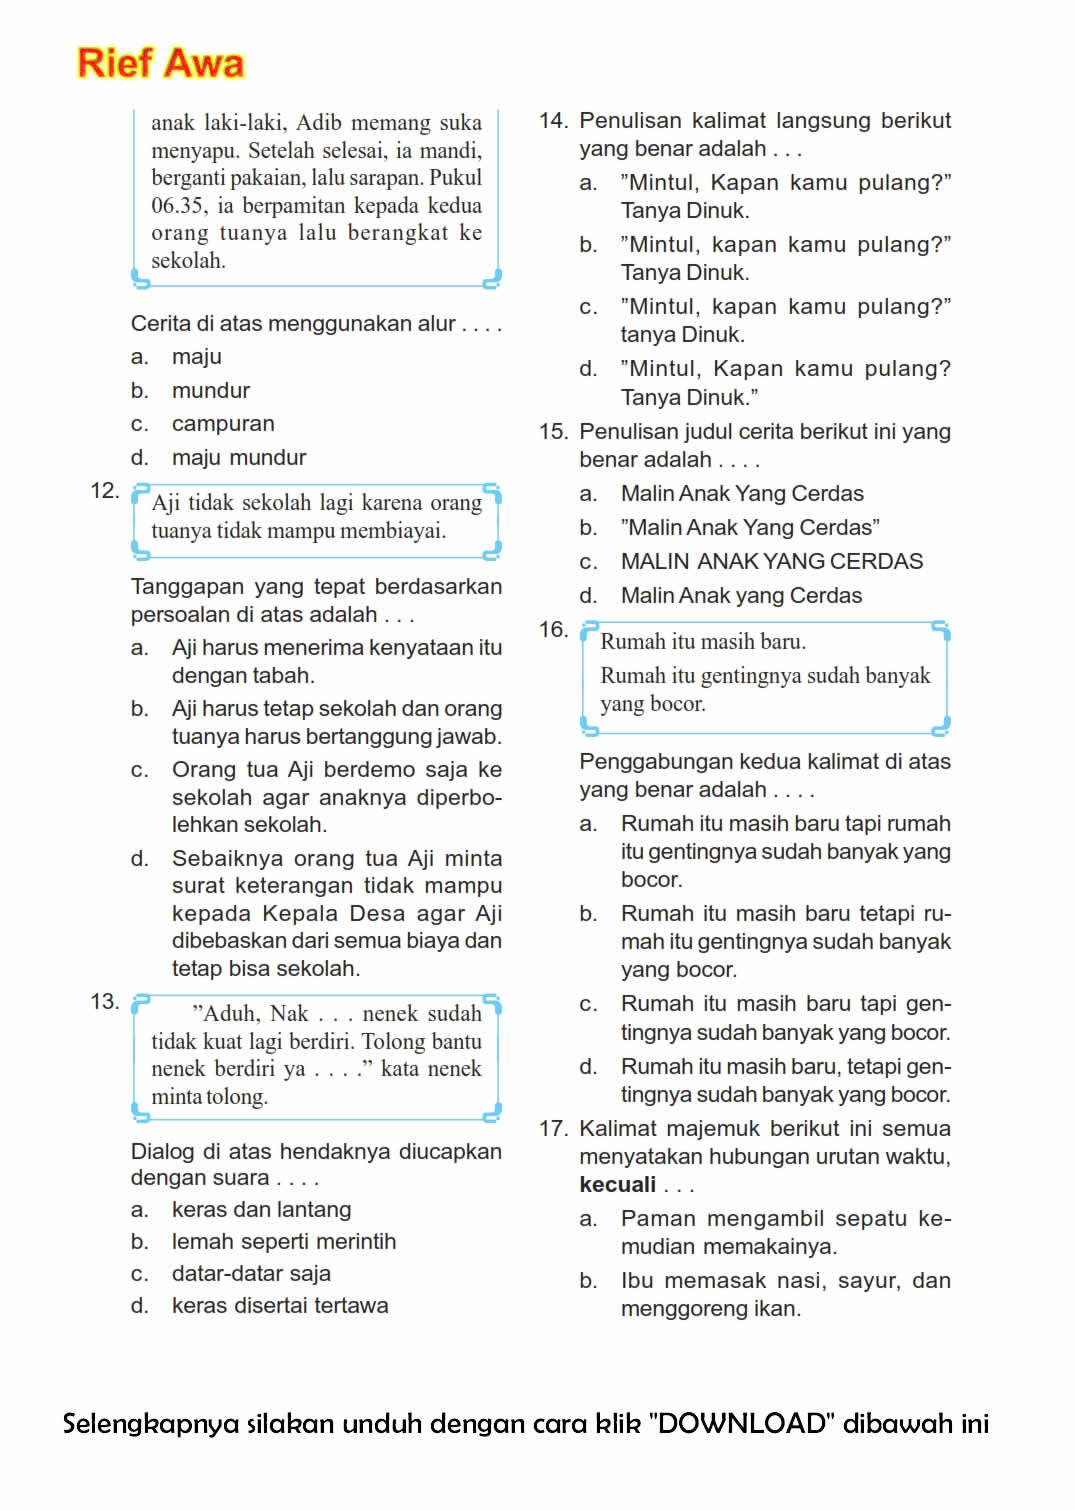 94 Kumpulan Soal 2016 Download Kumpulan Soal Ulangan Harian Sd Kurikulum 2013 Kelas I Tema 1